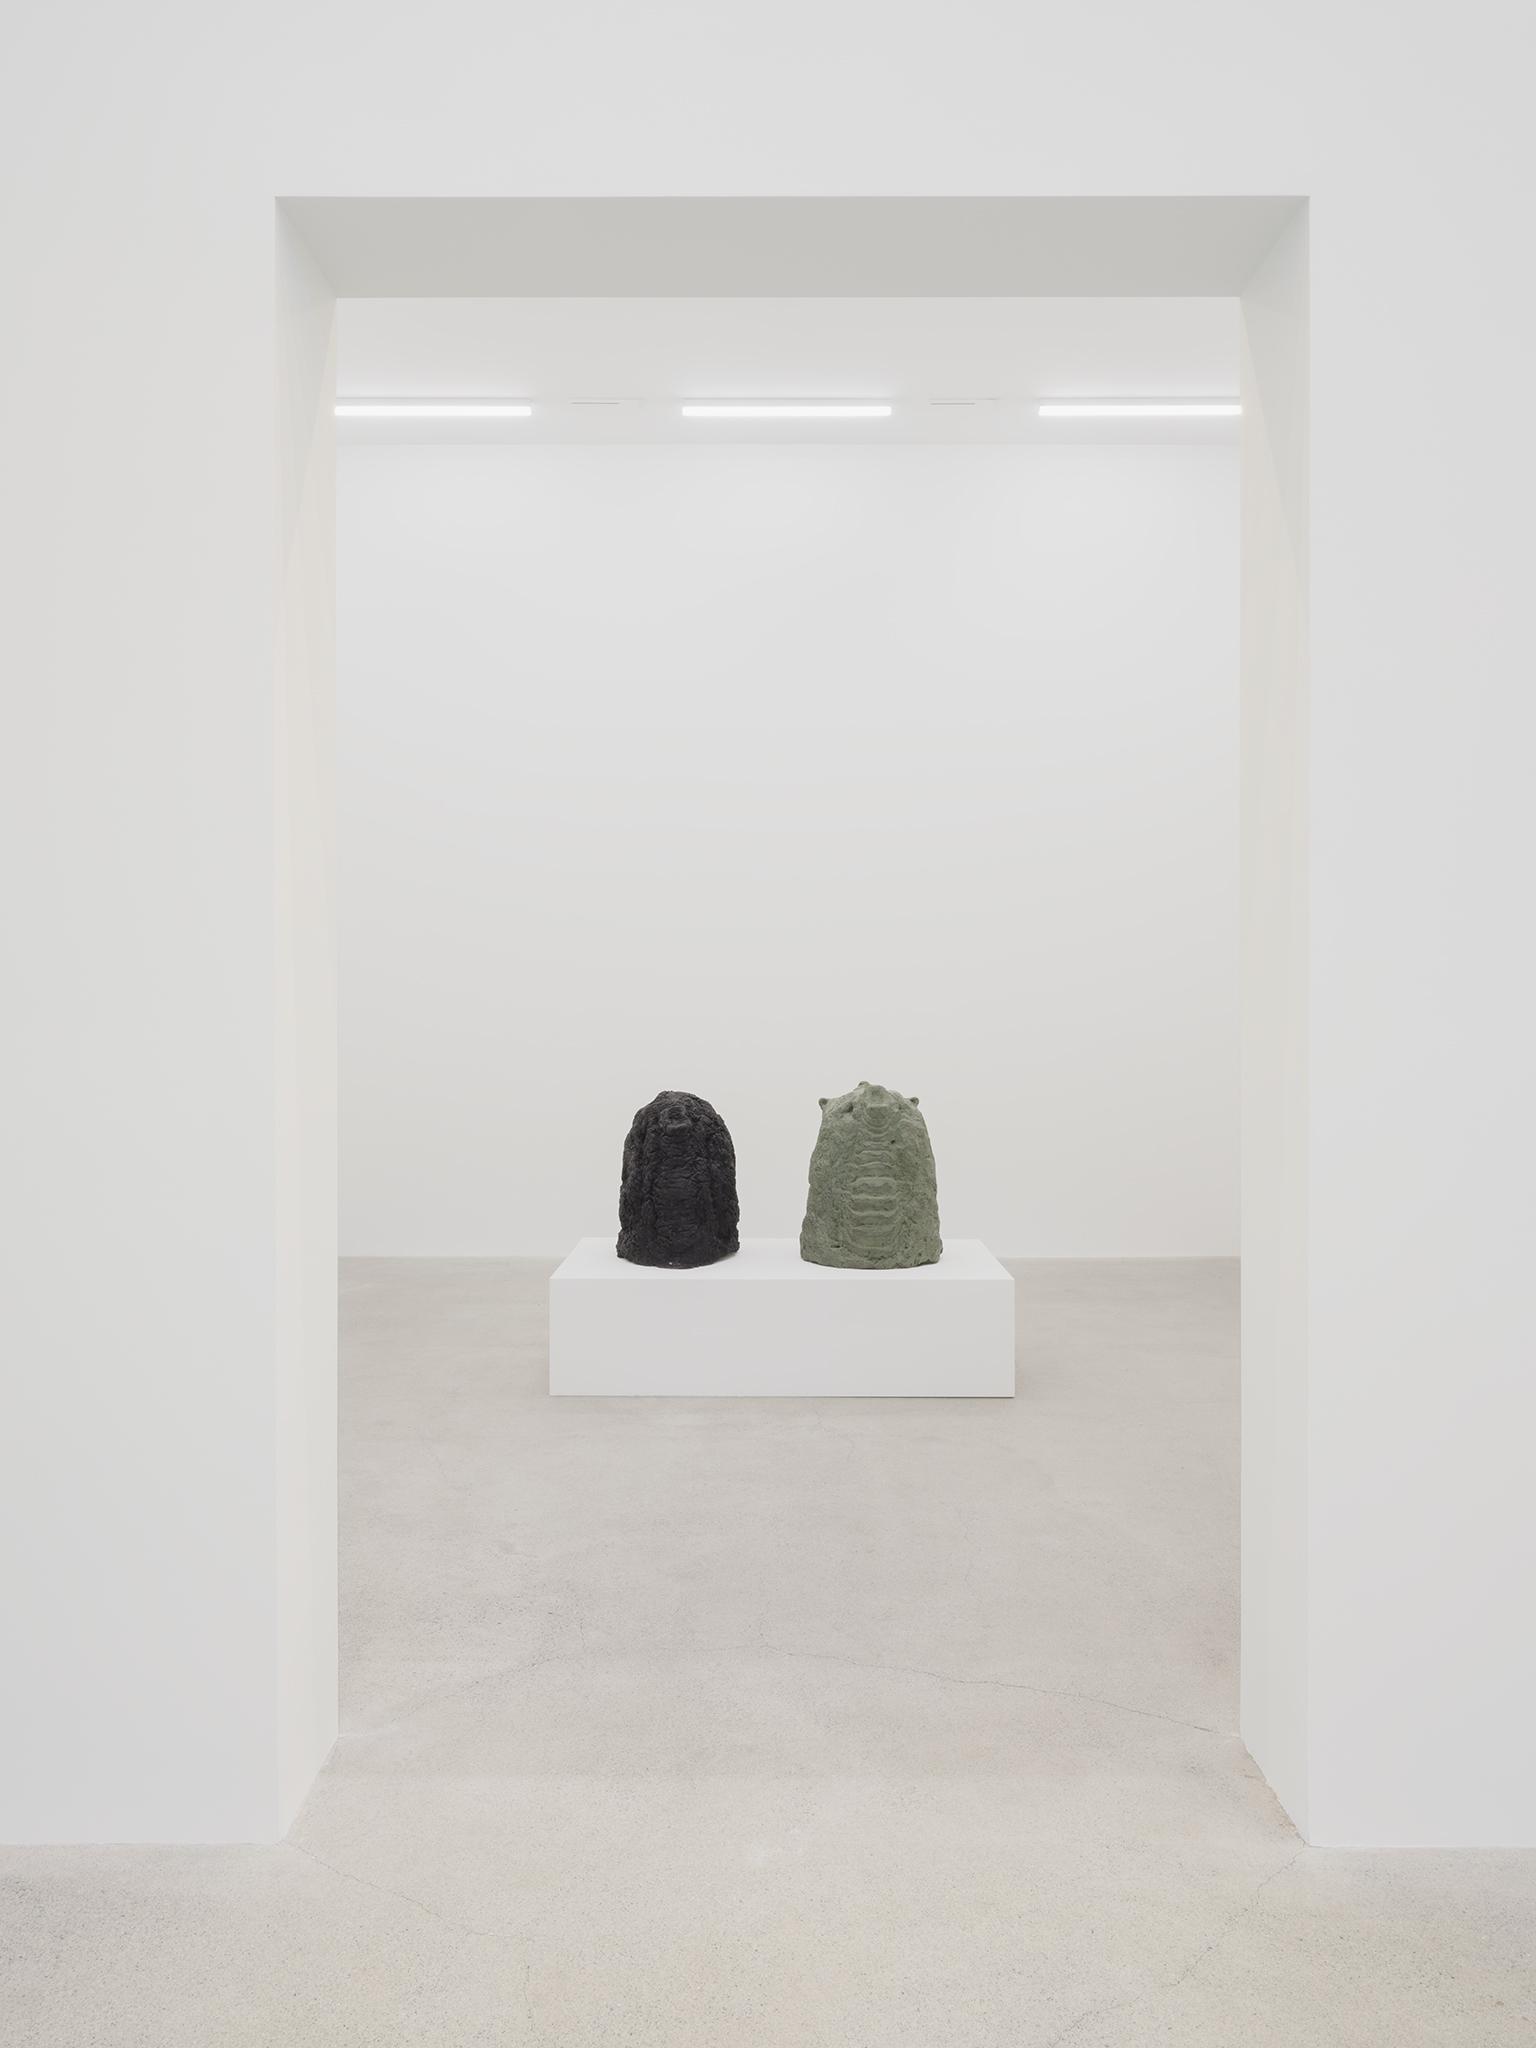 Valérie Blass, Éléphant en vert et noir, 2005, cement, plaster, leather, 46 x 71 x 41 in. (117 x 180 x 104 cm) by